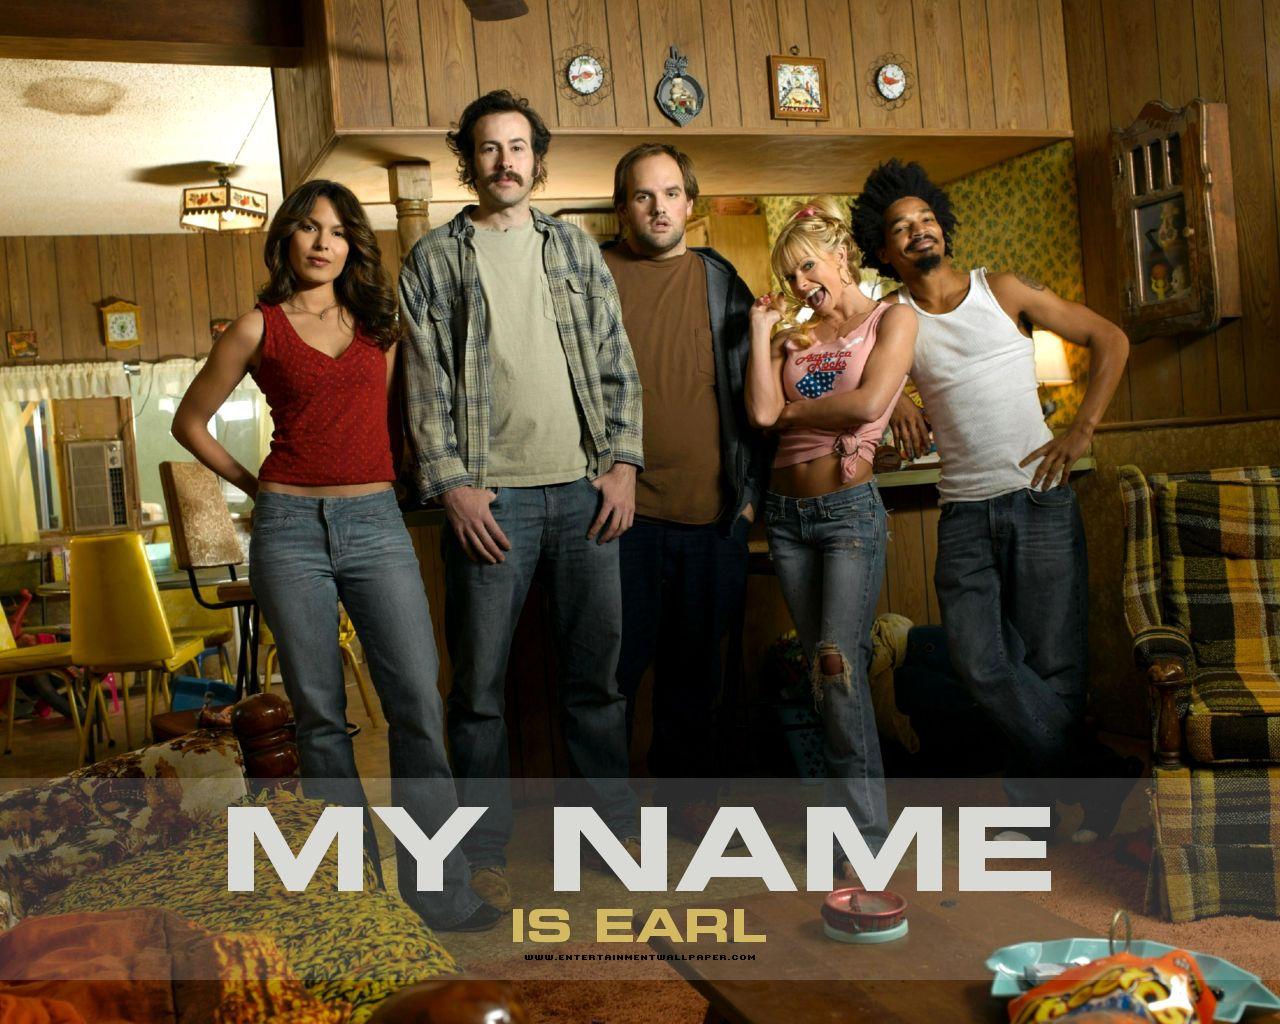 http://1.bp.blogspot.com/-BTWhu19_K5U/TWKbW5NTZXI/AAAAAAAAAoo/hdJvuxcLTMk/s1600/my_name_is_earl06.jpg